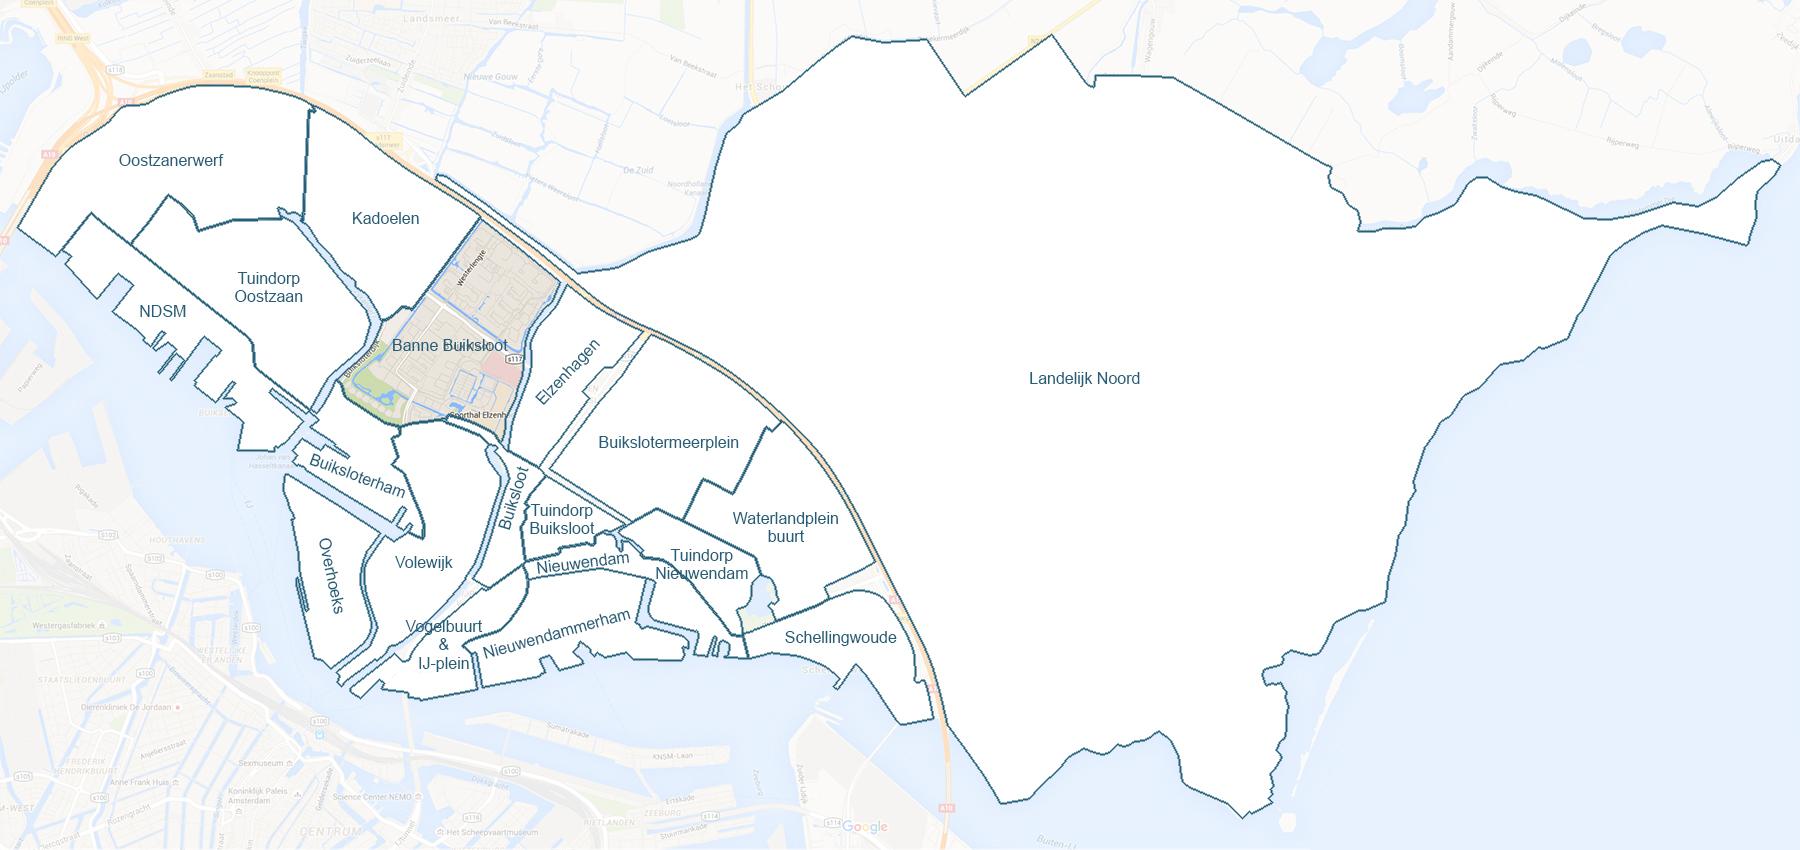 De wijk Banne Buiksloot uitgelicht – Design: Ruud Slagboom